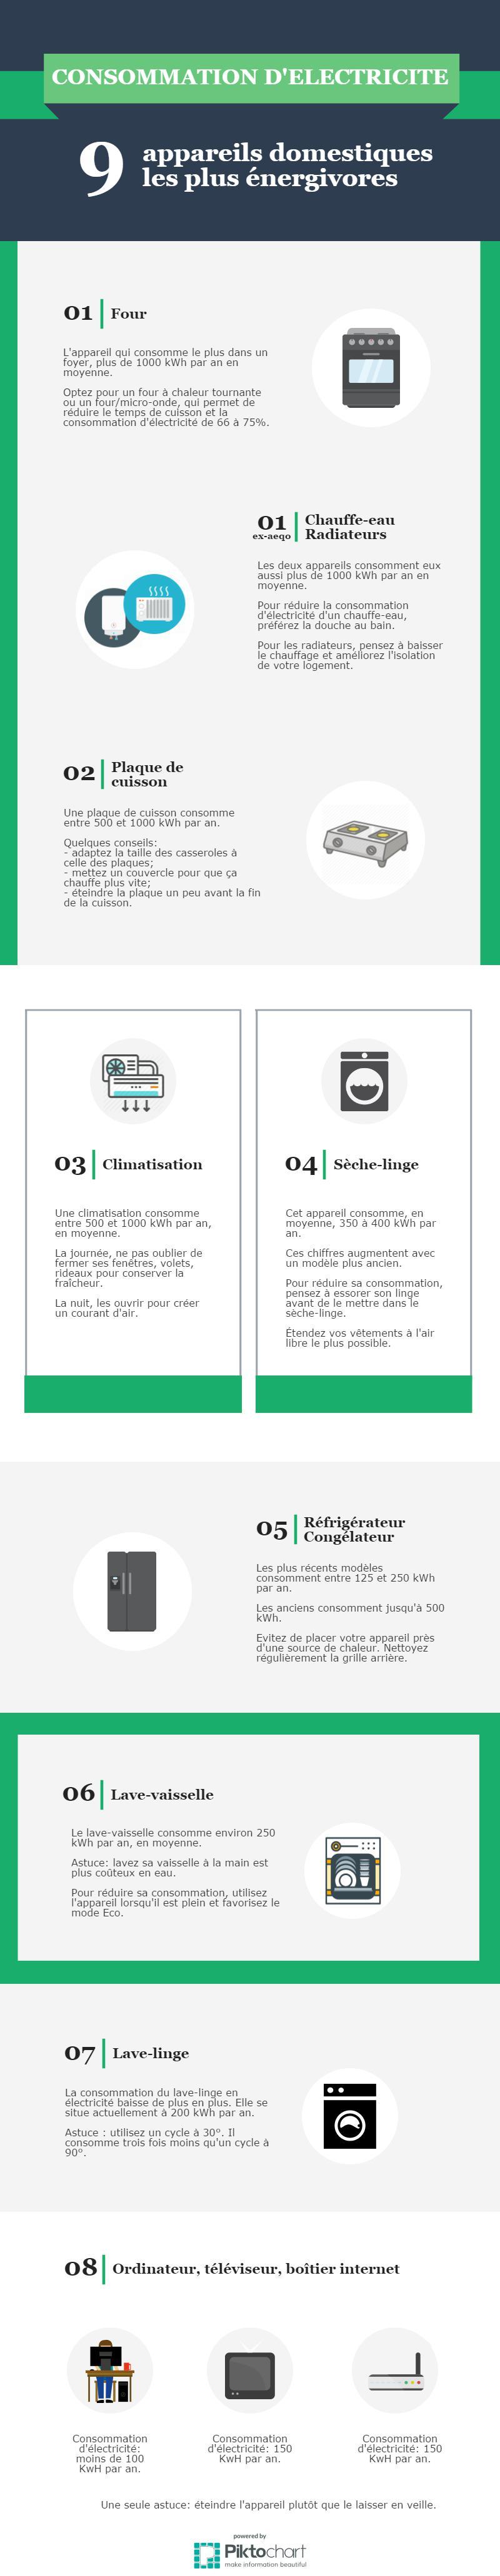 consomation_electromenager